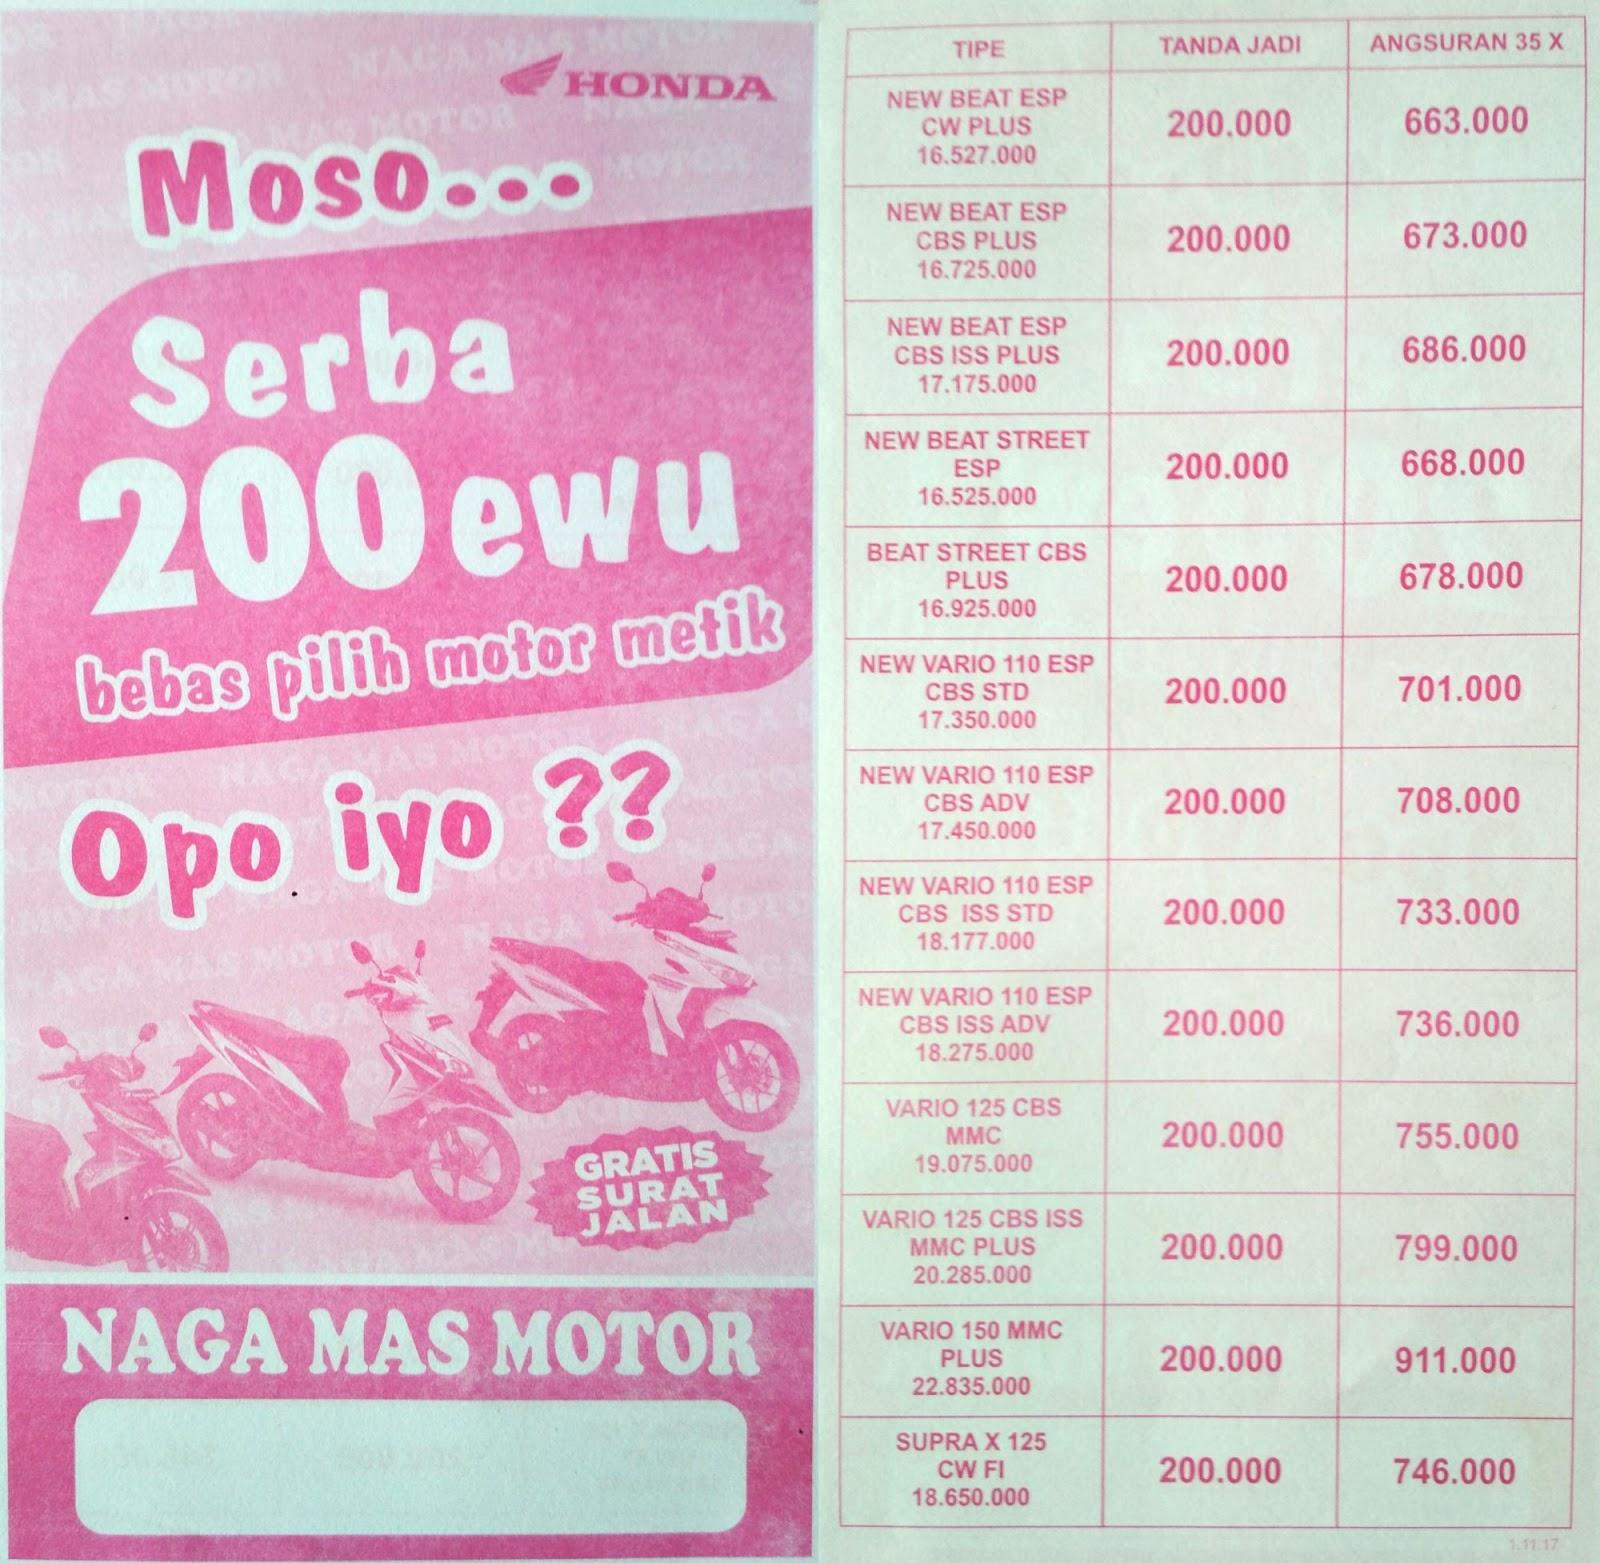 Anisa Counter Sales Dealer Nagamas Motor Klaten New Supra X 125 Fi Cast Wheel Energetic Red Sukoharjo Promo Terbaru Sepeda Honda Update Bulan Ini Brosur Kredit Vario